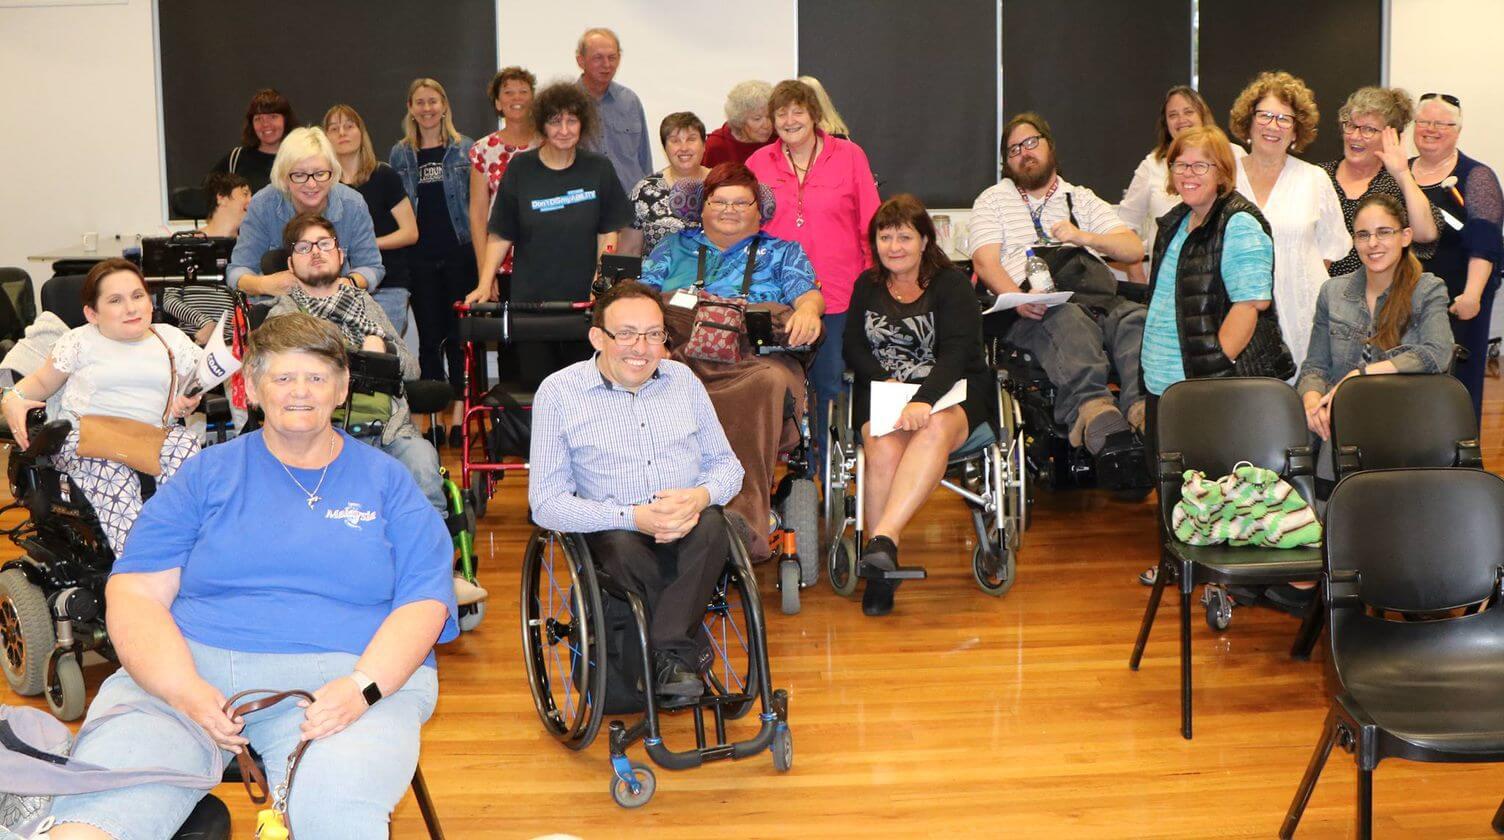 CDAH group photo